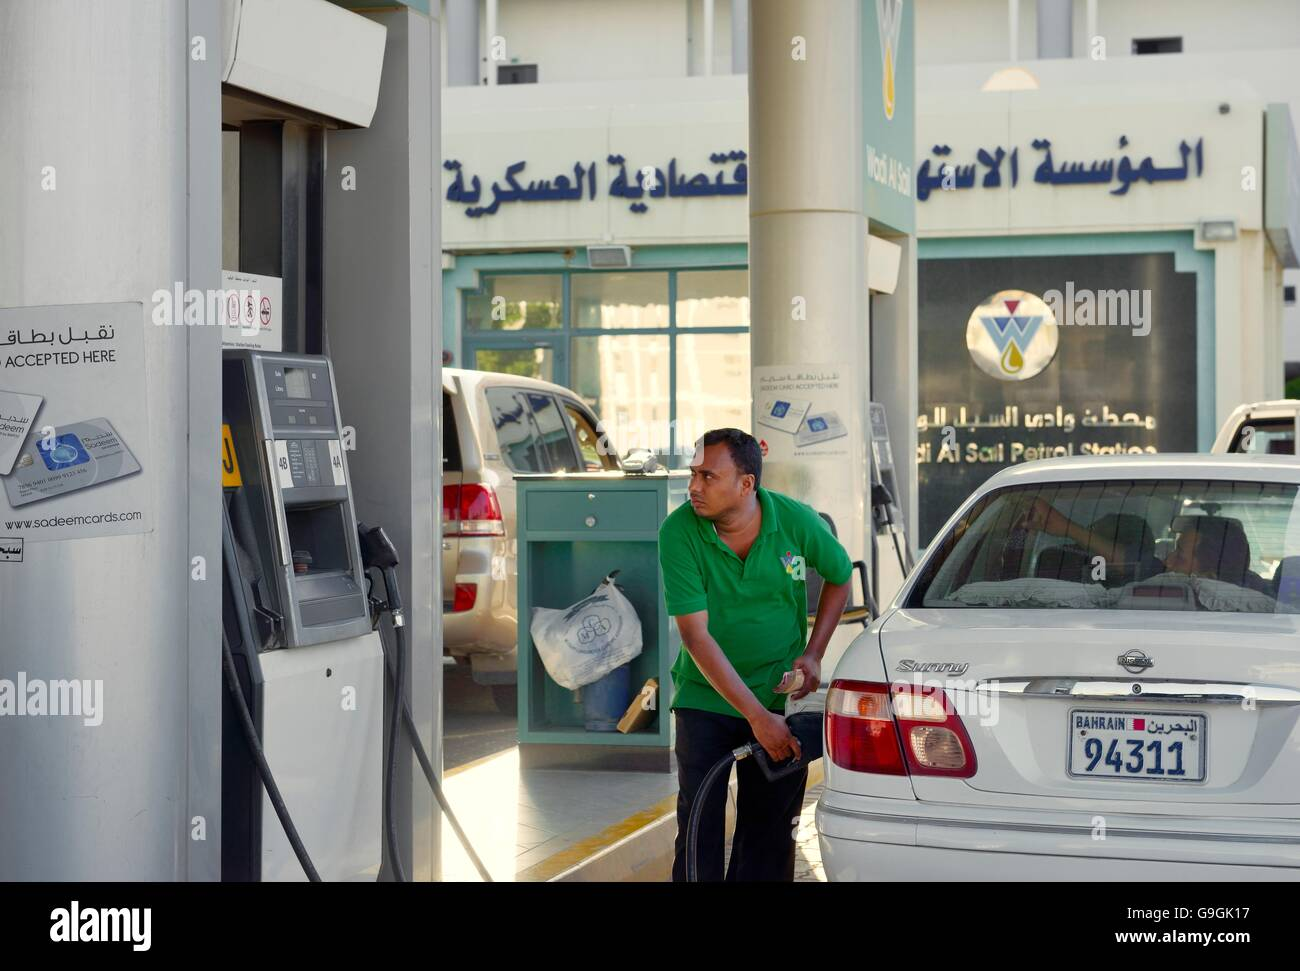 Wadi al Segel Tankstelle, Riffa, Bahrain. Mann das Füllen von Kraftstoff pumpe auf service Gericht Stockbild